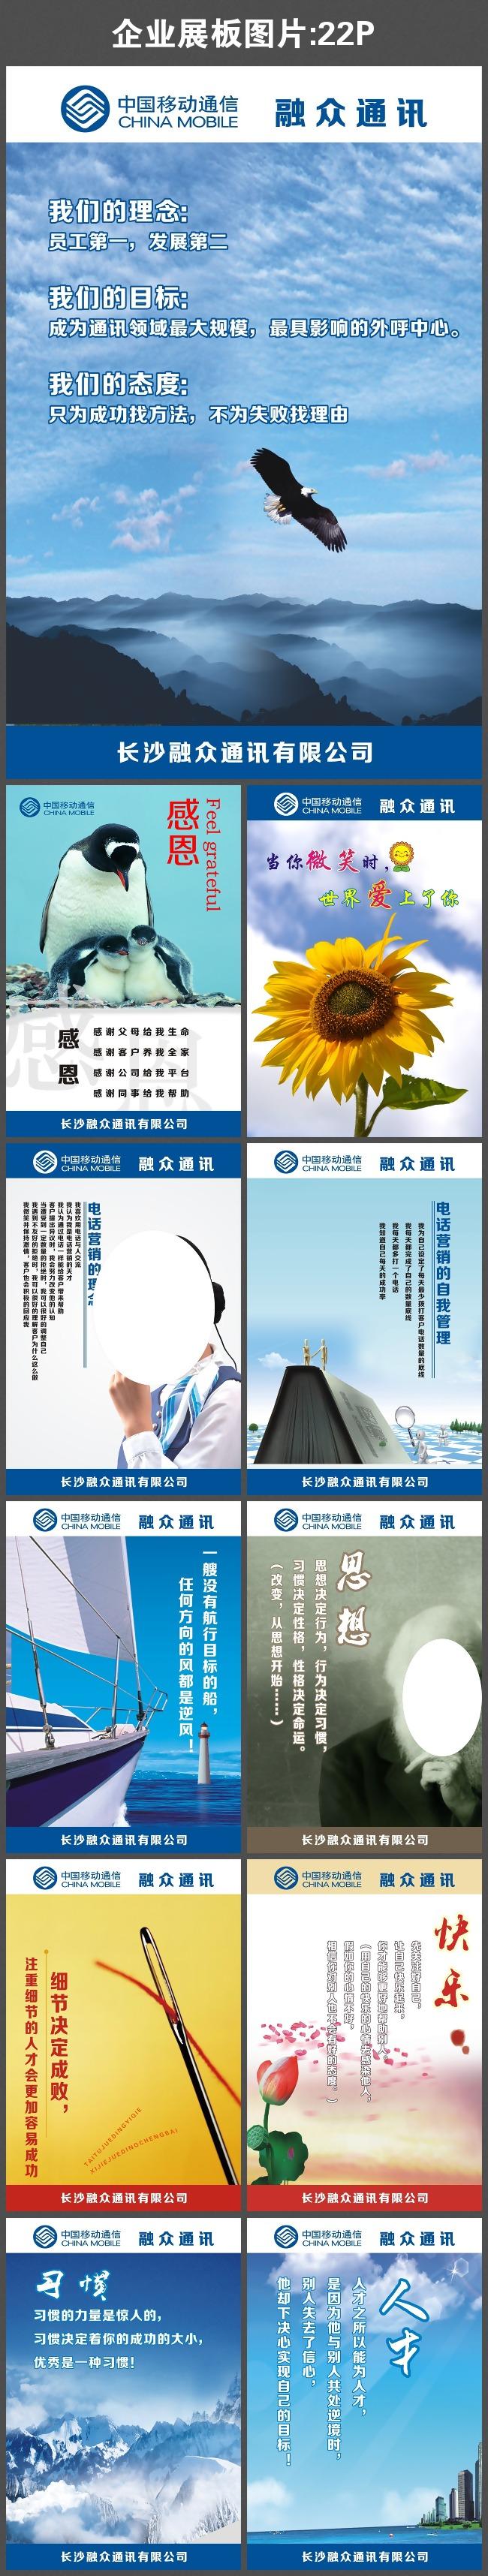 企业展板模板下载企业展板展板kt板企业文化 感恩 微笑 电话营销 自我